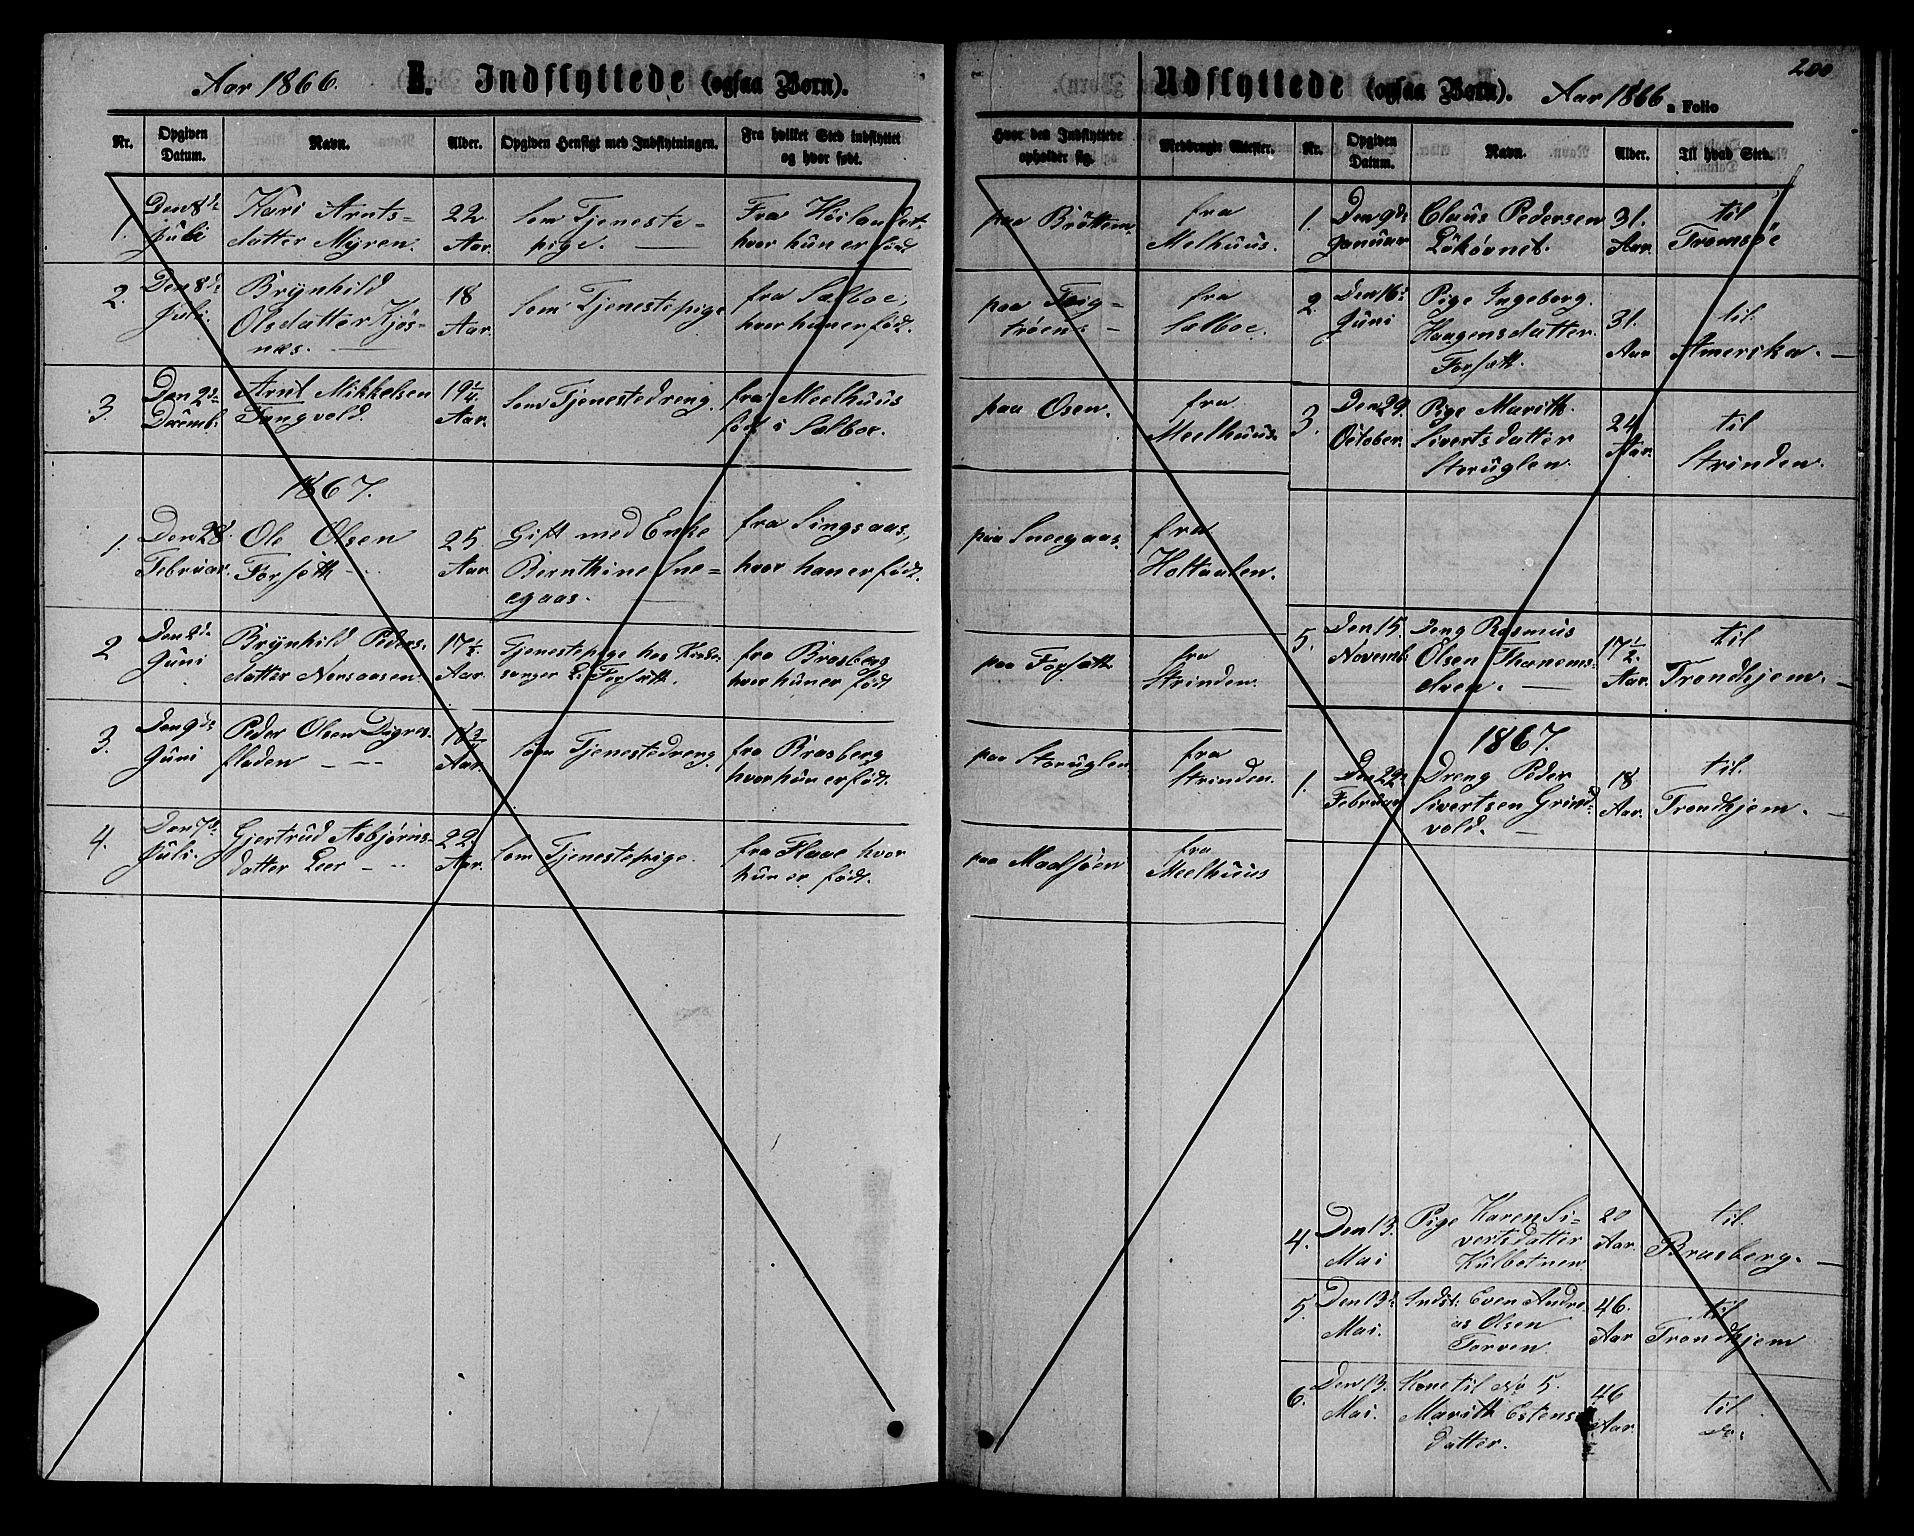 SAT, Ministerialprotokoller, klokkerbøker og fødselsregistre - Sør-Trøndelag, 618/L0451: Klokkerbok nr. 618C02, 1865-1883, s. 200